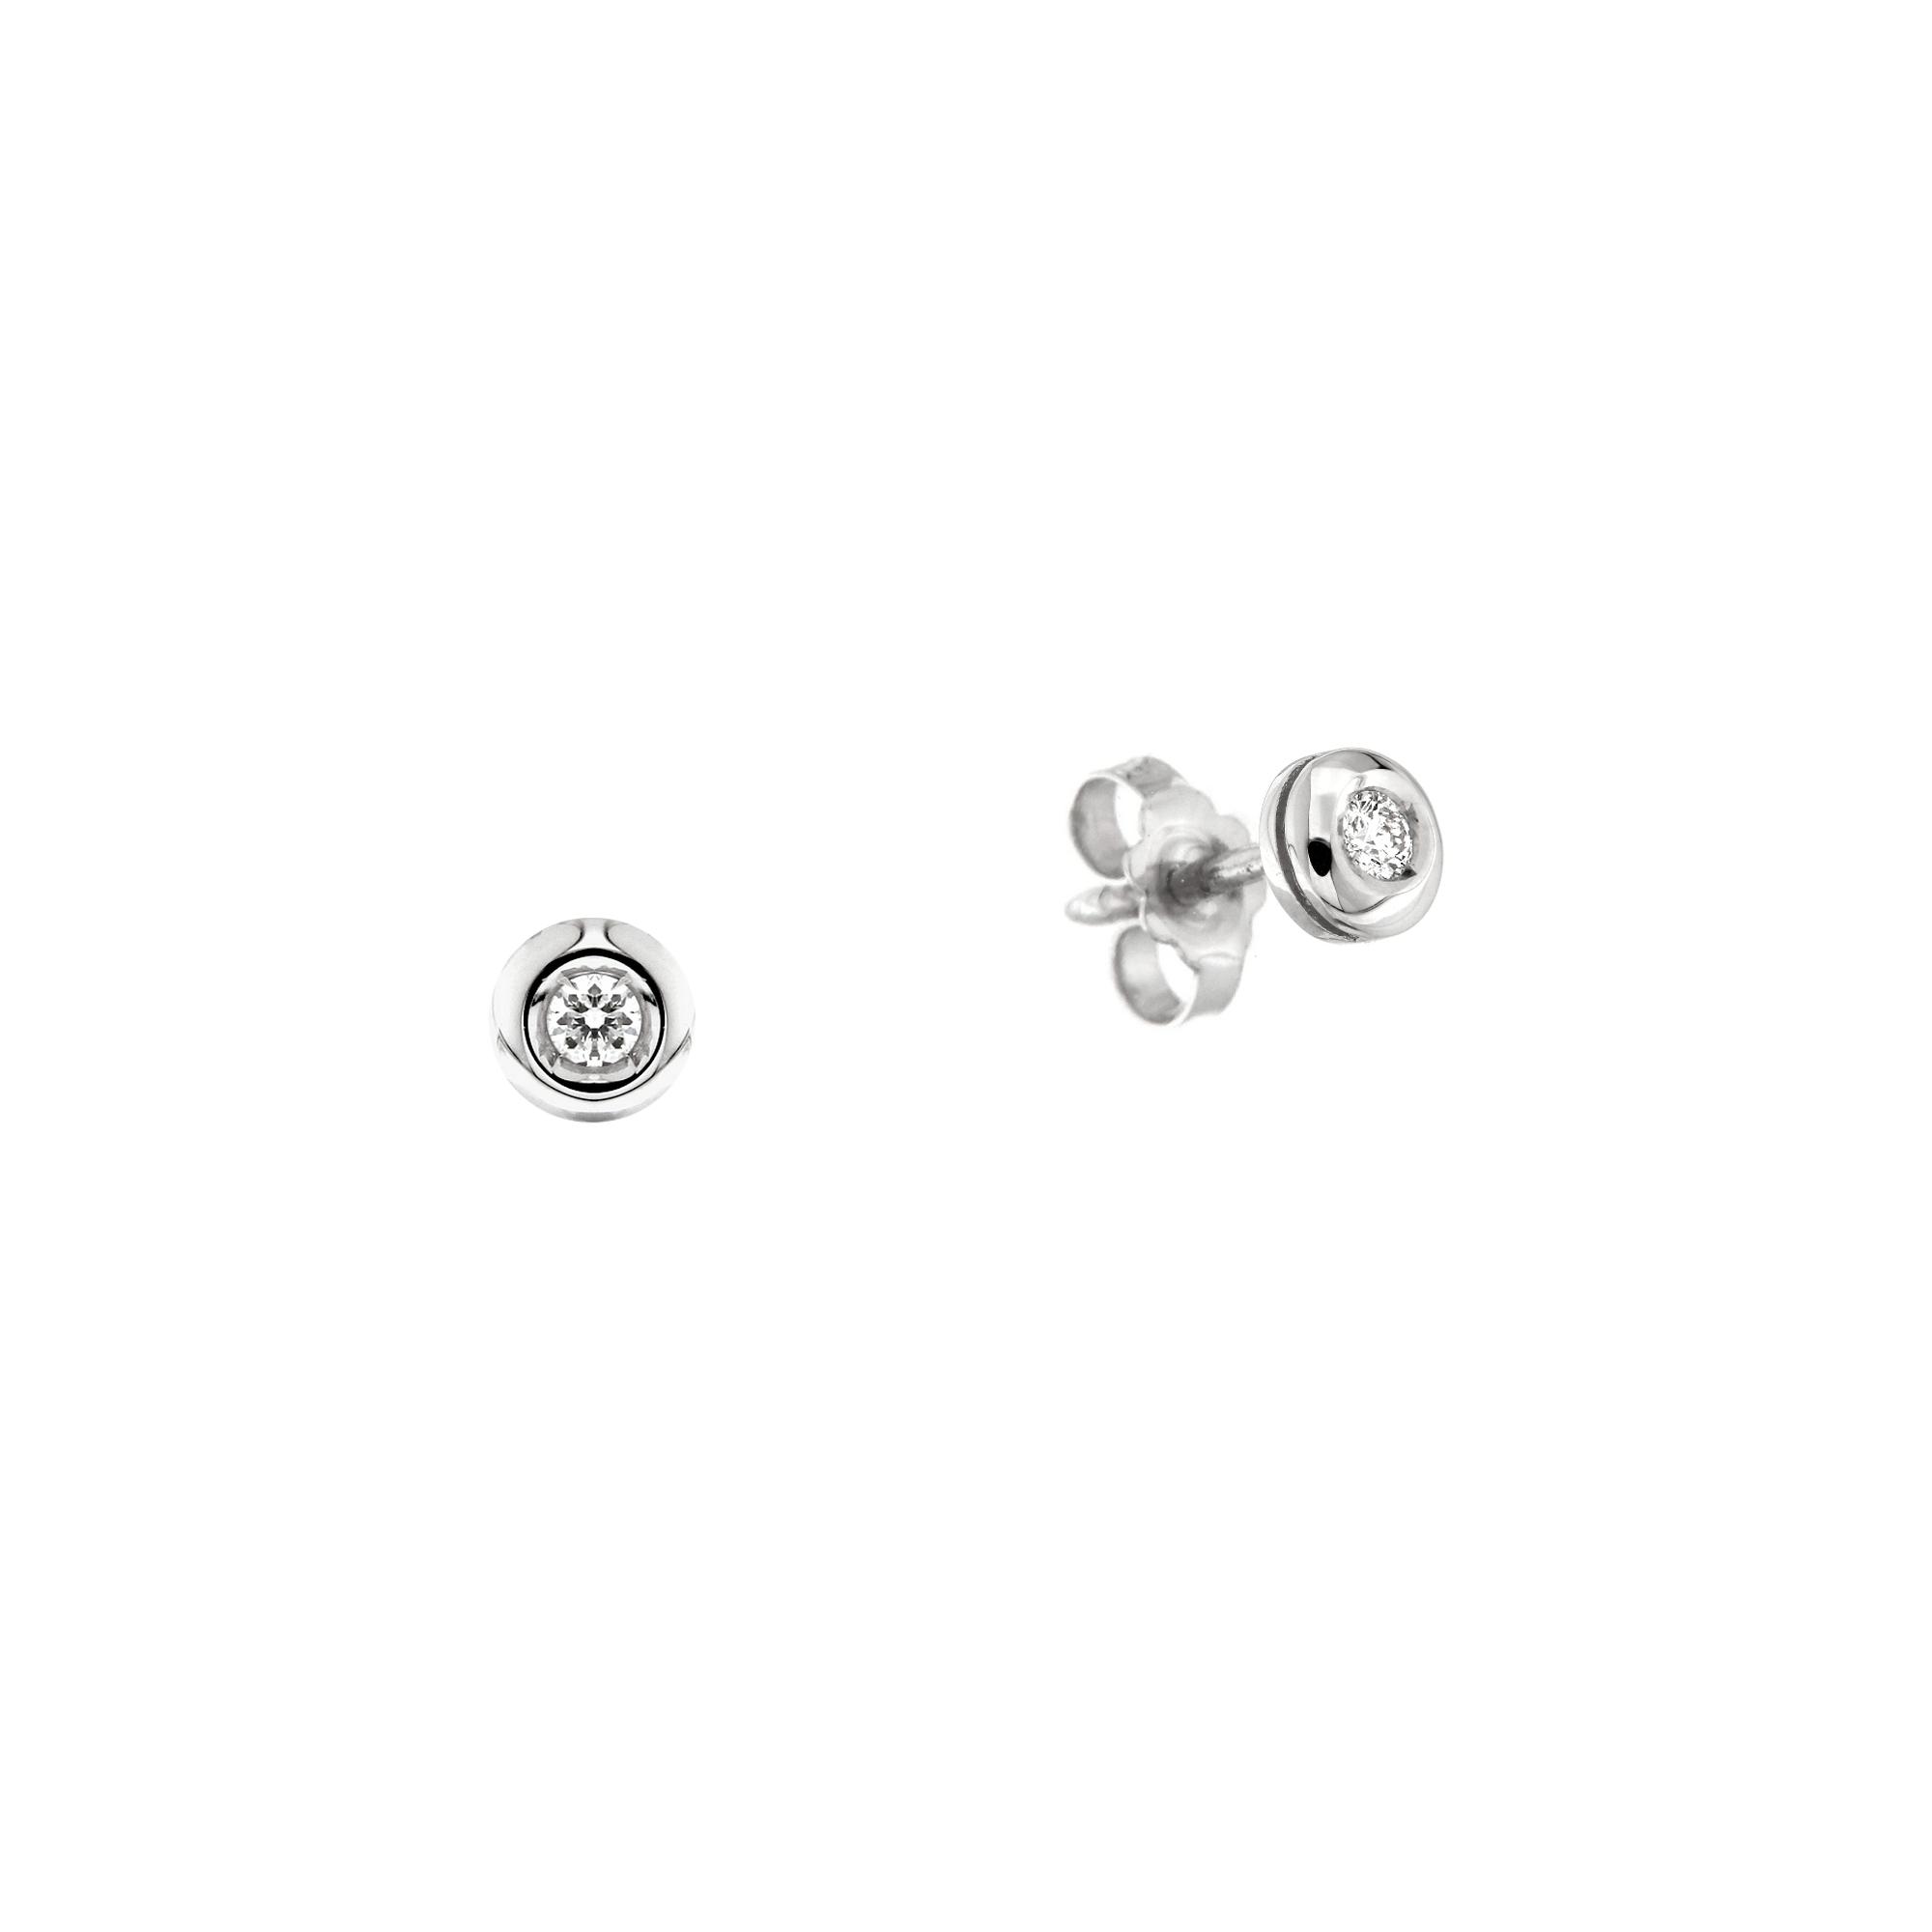 Cercei din aur alb 18K cu diamante 0,12 ct, model Orsini 00255BL-12